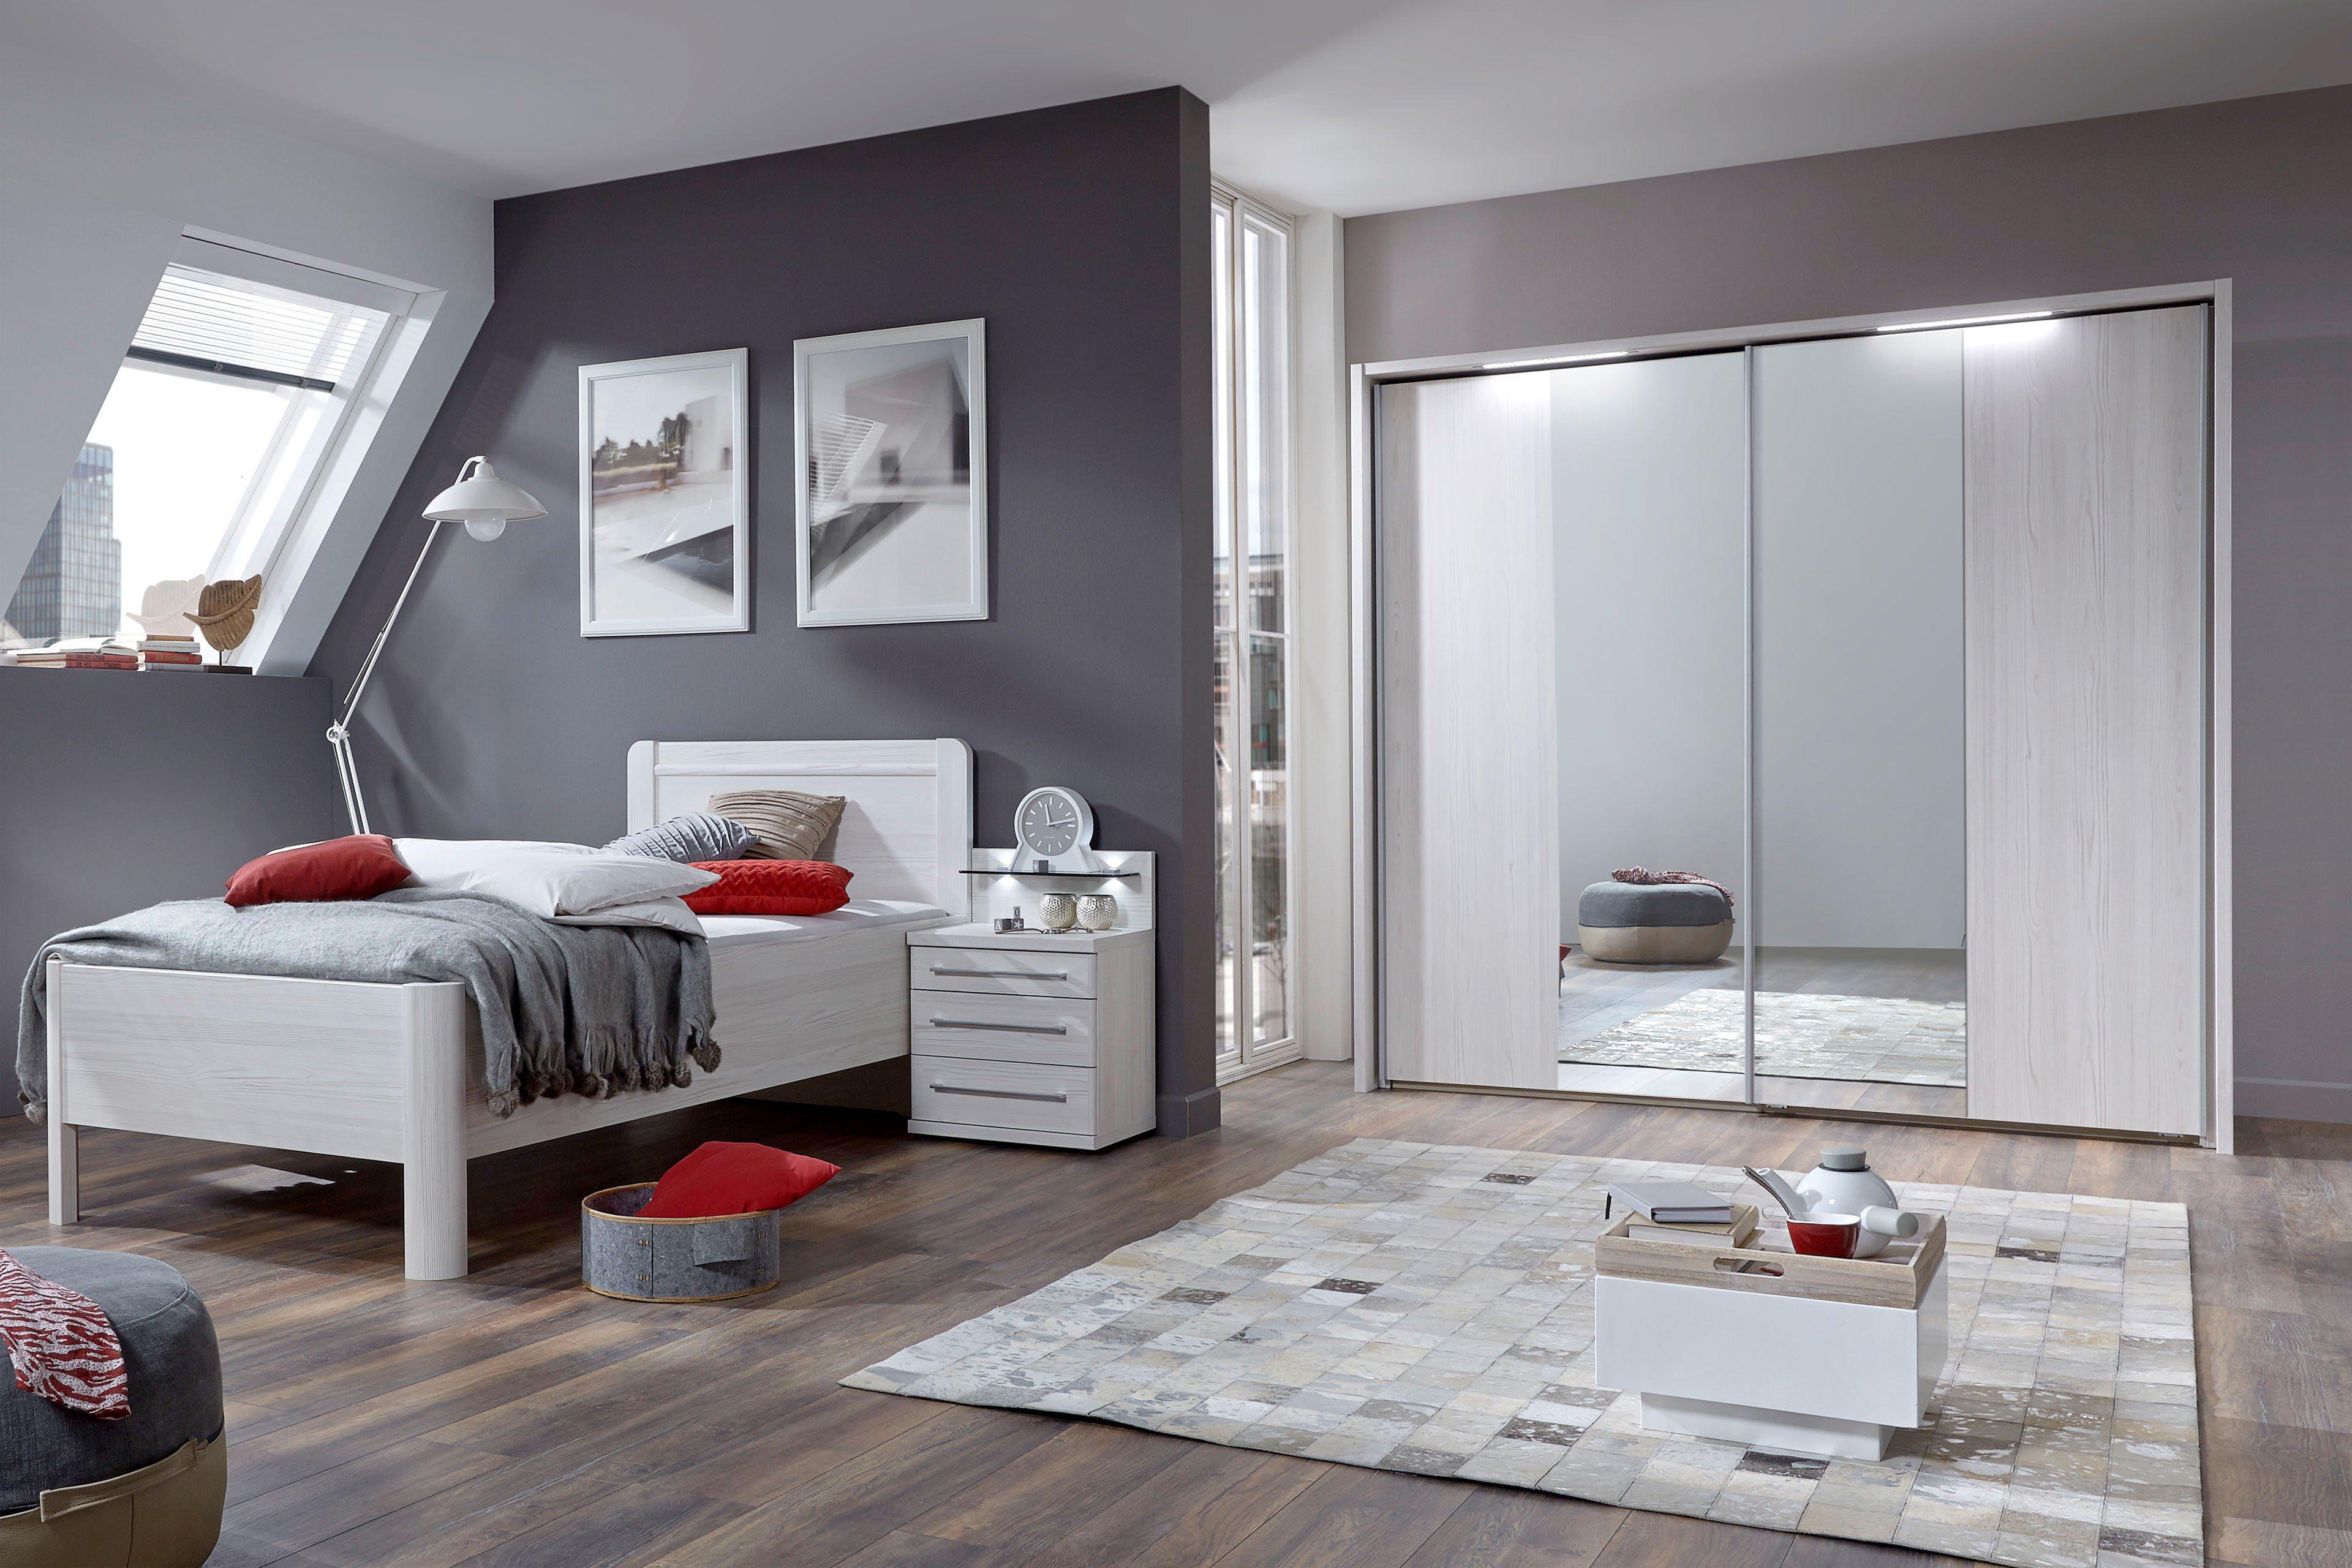 wiemann mainau komfortables senioren schlafzimmer m bel letz ihr online shop. Black Bedroom Furniture Sets. Home Design Ideas